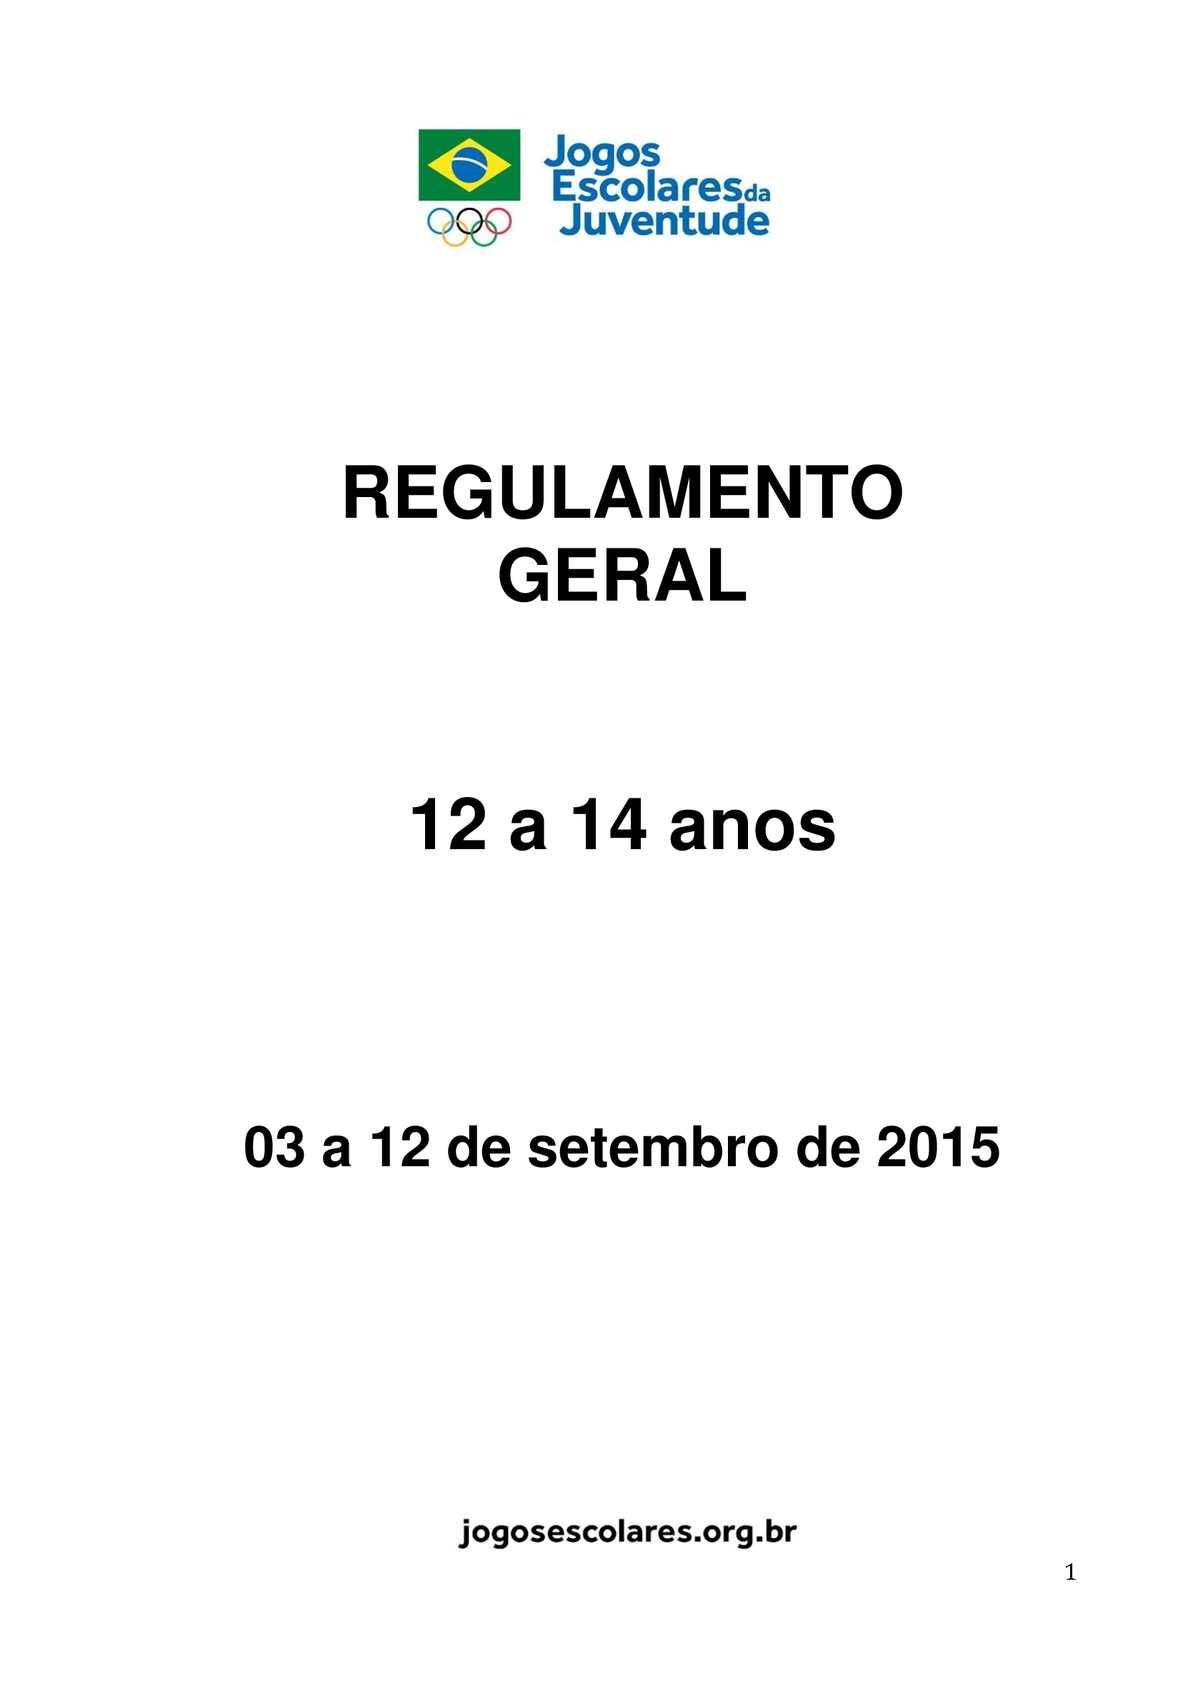 30bc05bc48 Calaméo - Regulamento Dos Jogos Escolares 2015 12 A 14 Anos - Free Download